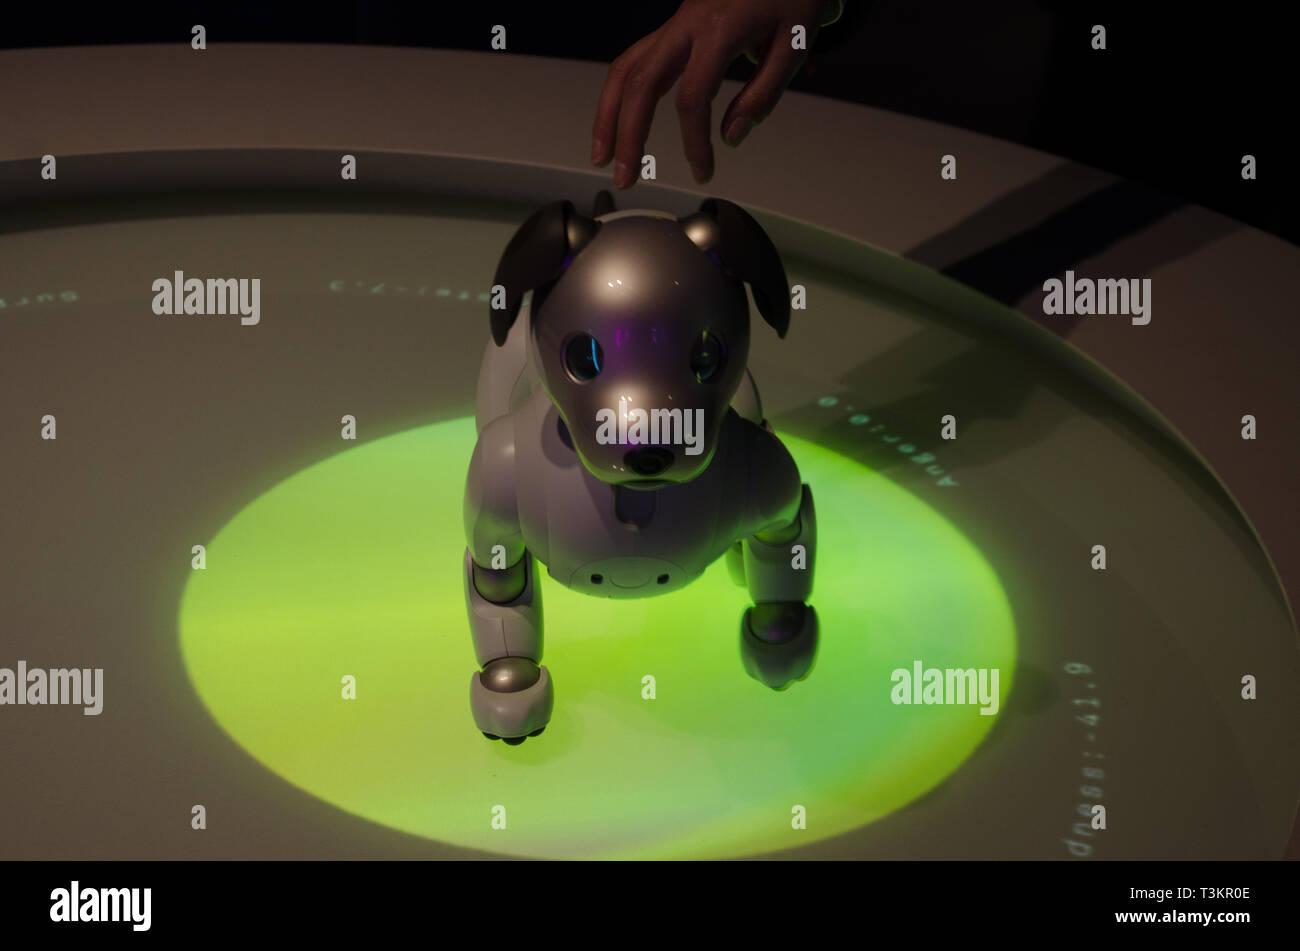 Sony mit Affinität in die Autonomie Fuorisalone 2019 und AIBO Roboter Hund. Mailand, 8. April, 2019 Stockbild